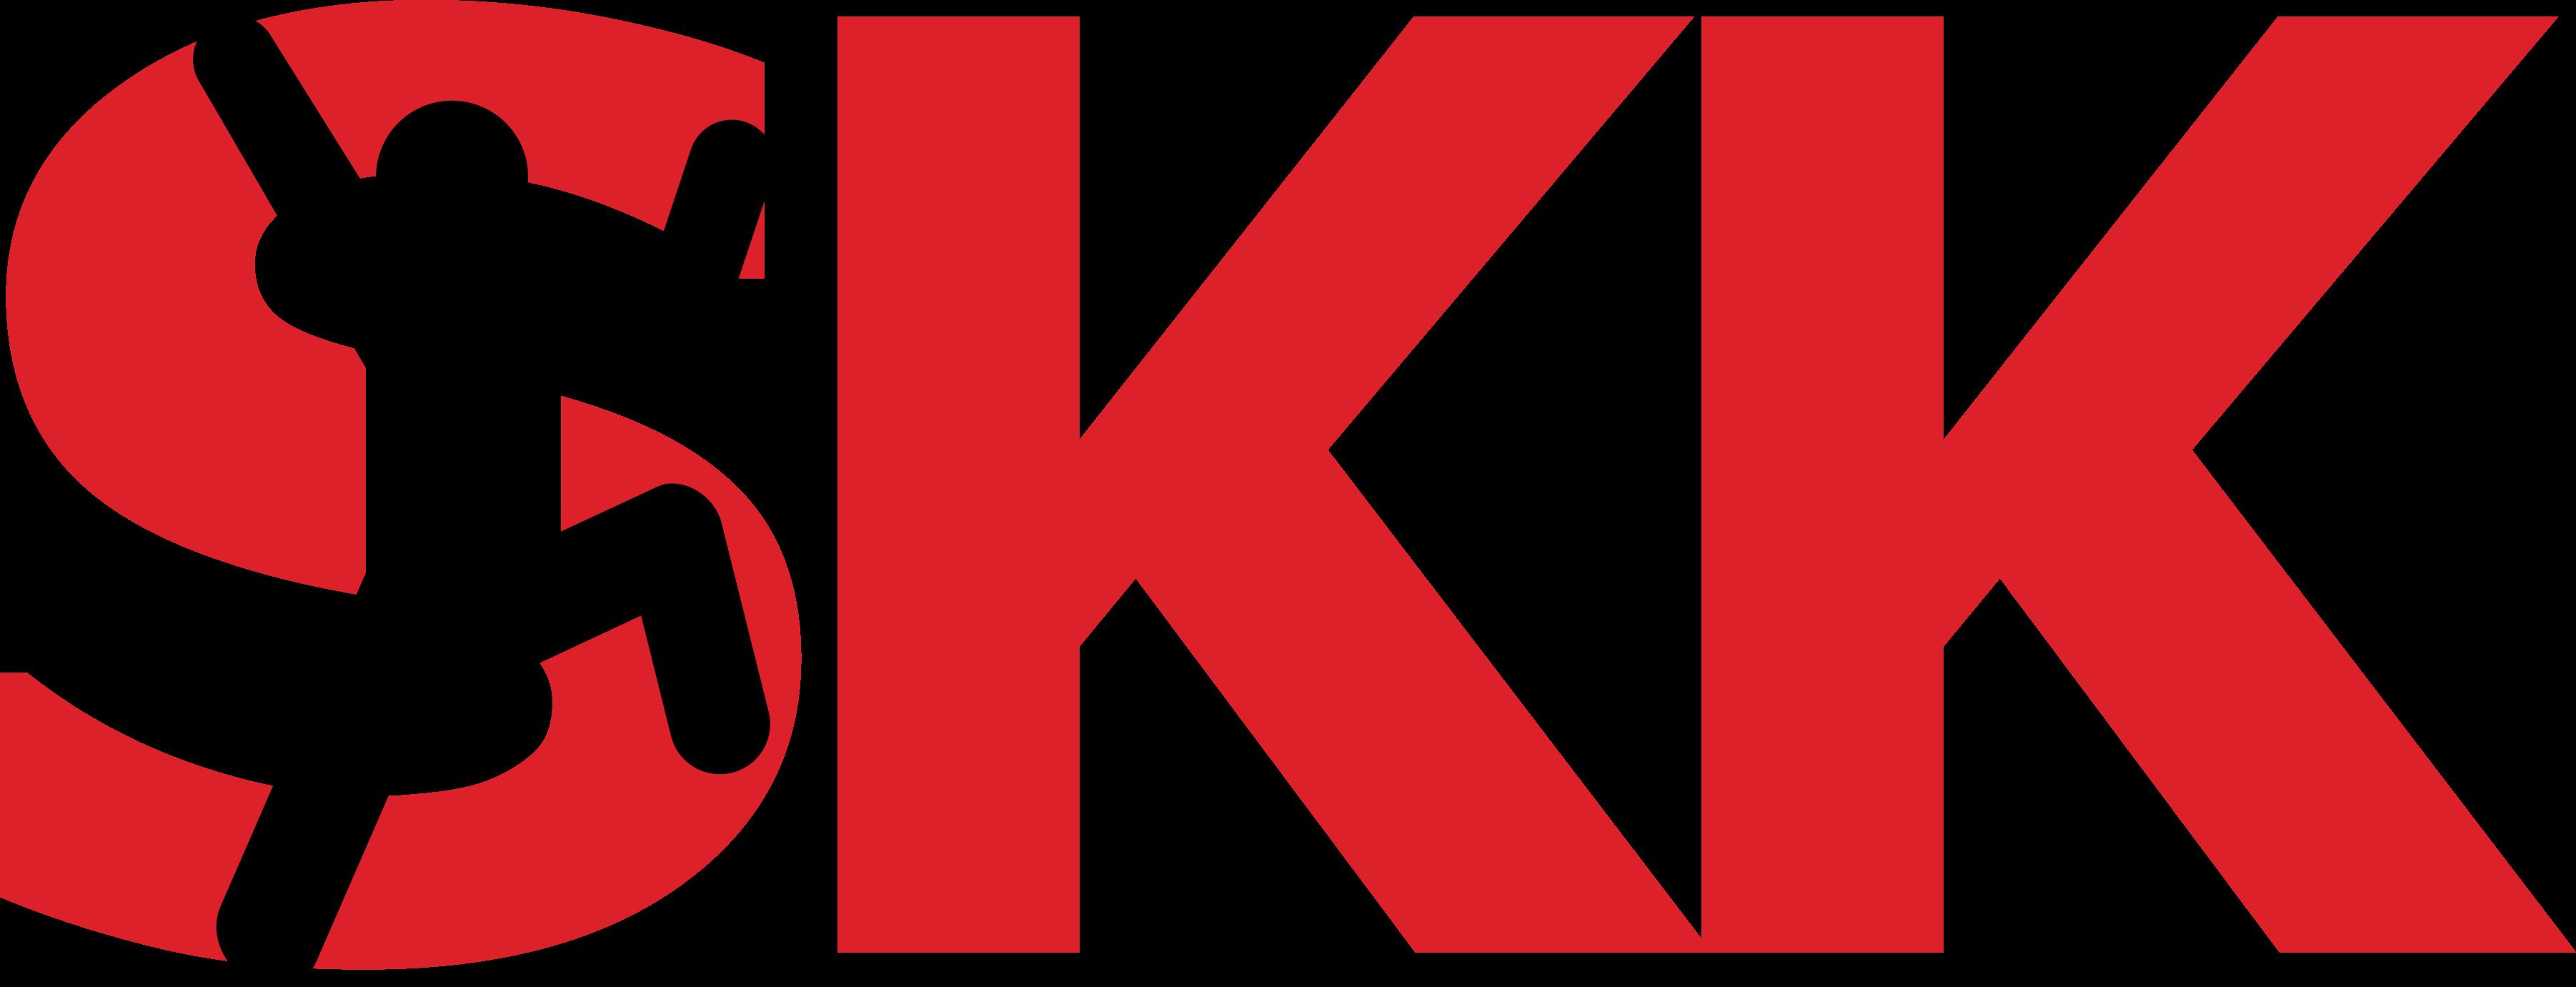 Sydsjællands Klatreklub